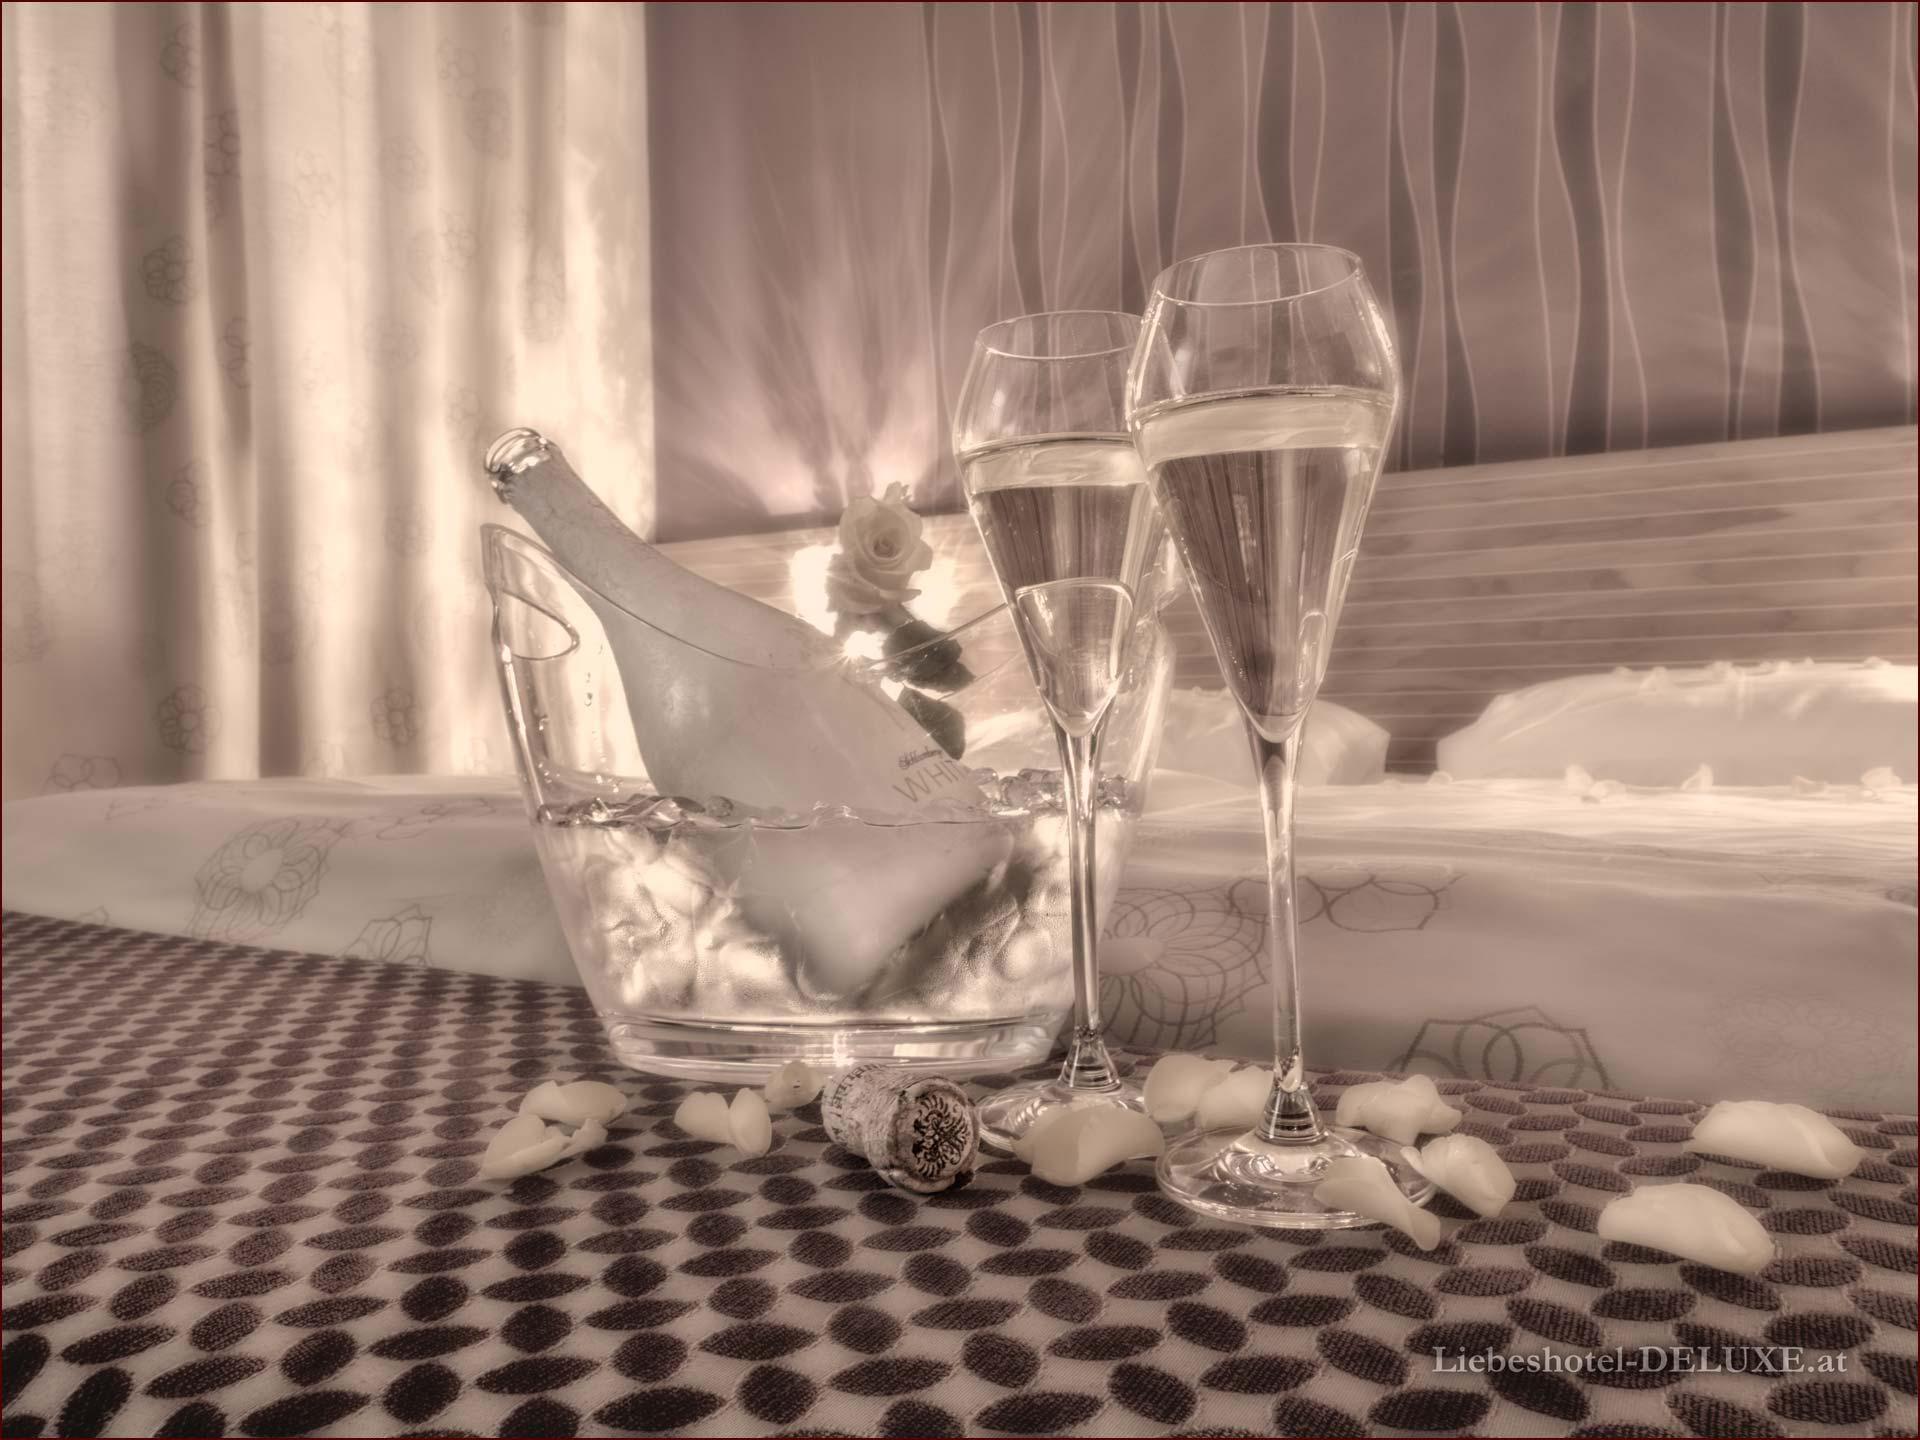 Jahrestag-Liebeshotel-Hotel-1030-Wien-stundenhotel-Designzimmer-Whirlpool-Zimmer-Champagner-Service-Idee-billig-günstig-zentrum-buchen-romantik-hochzeit-überraschung-feier-partner